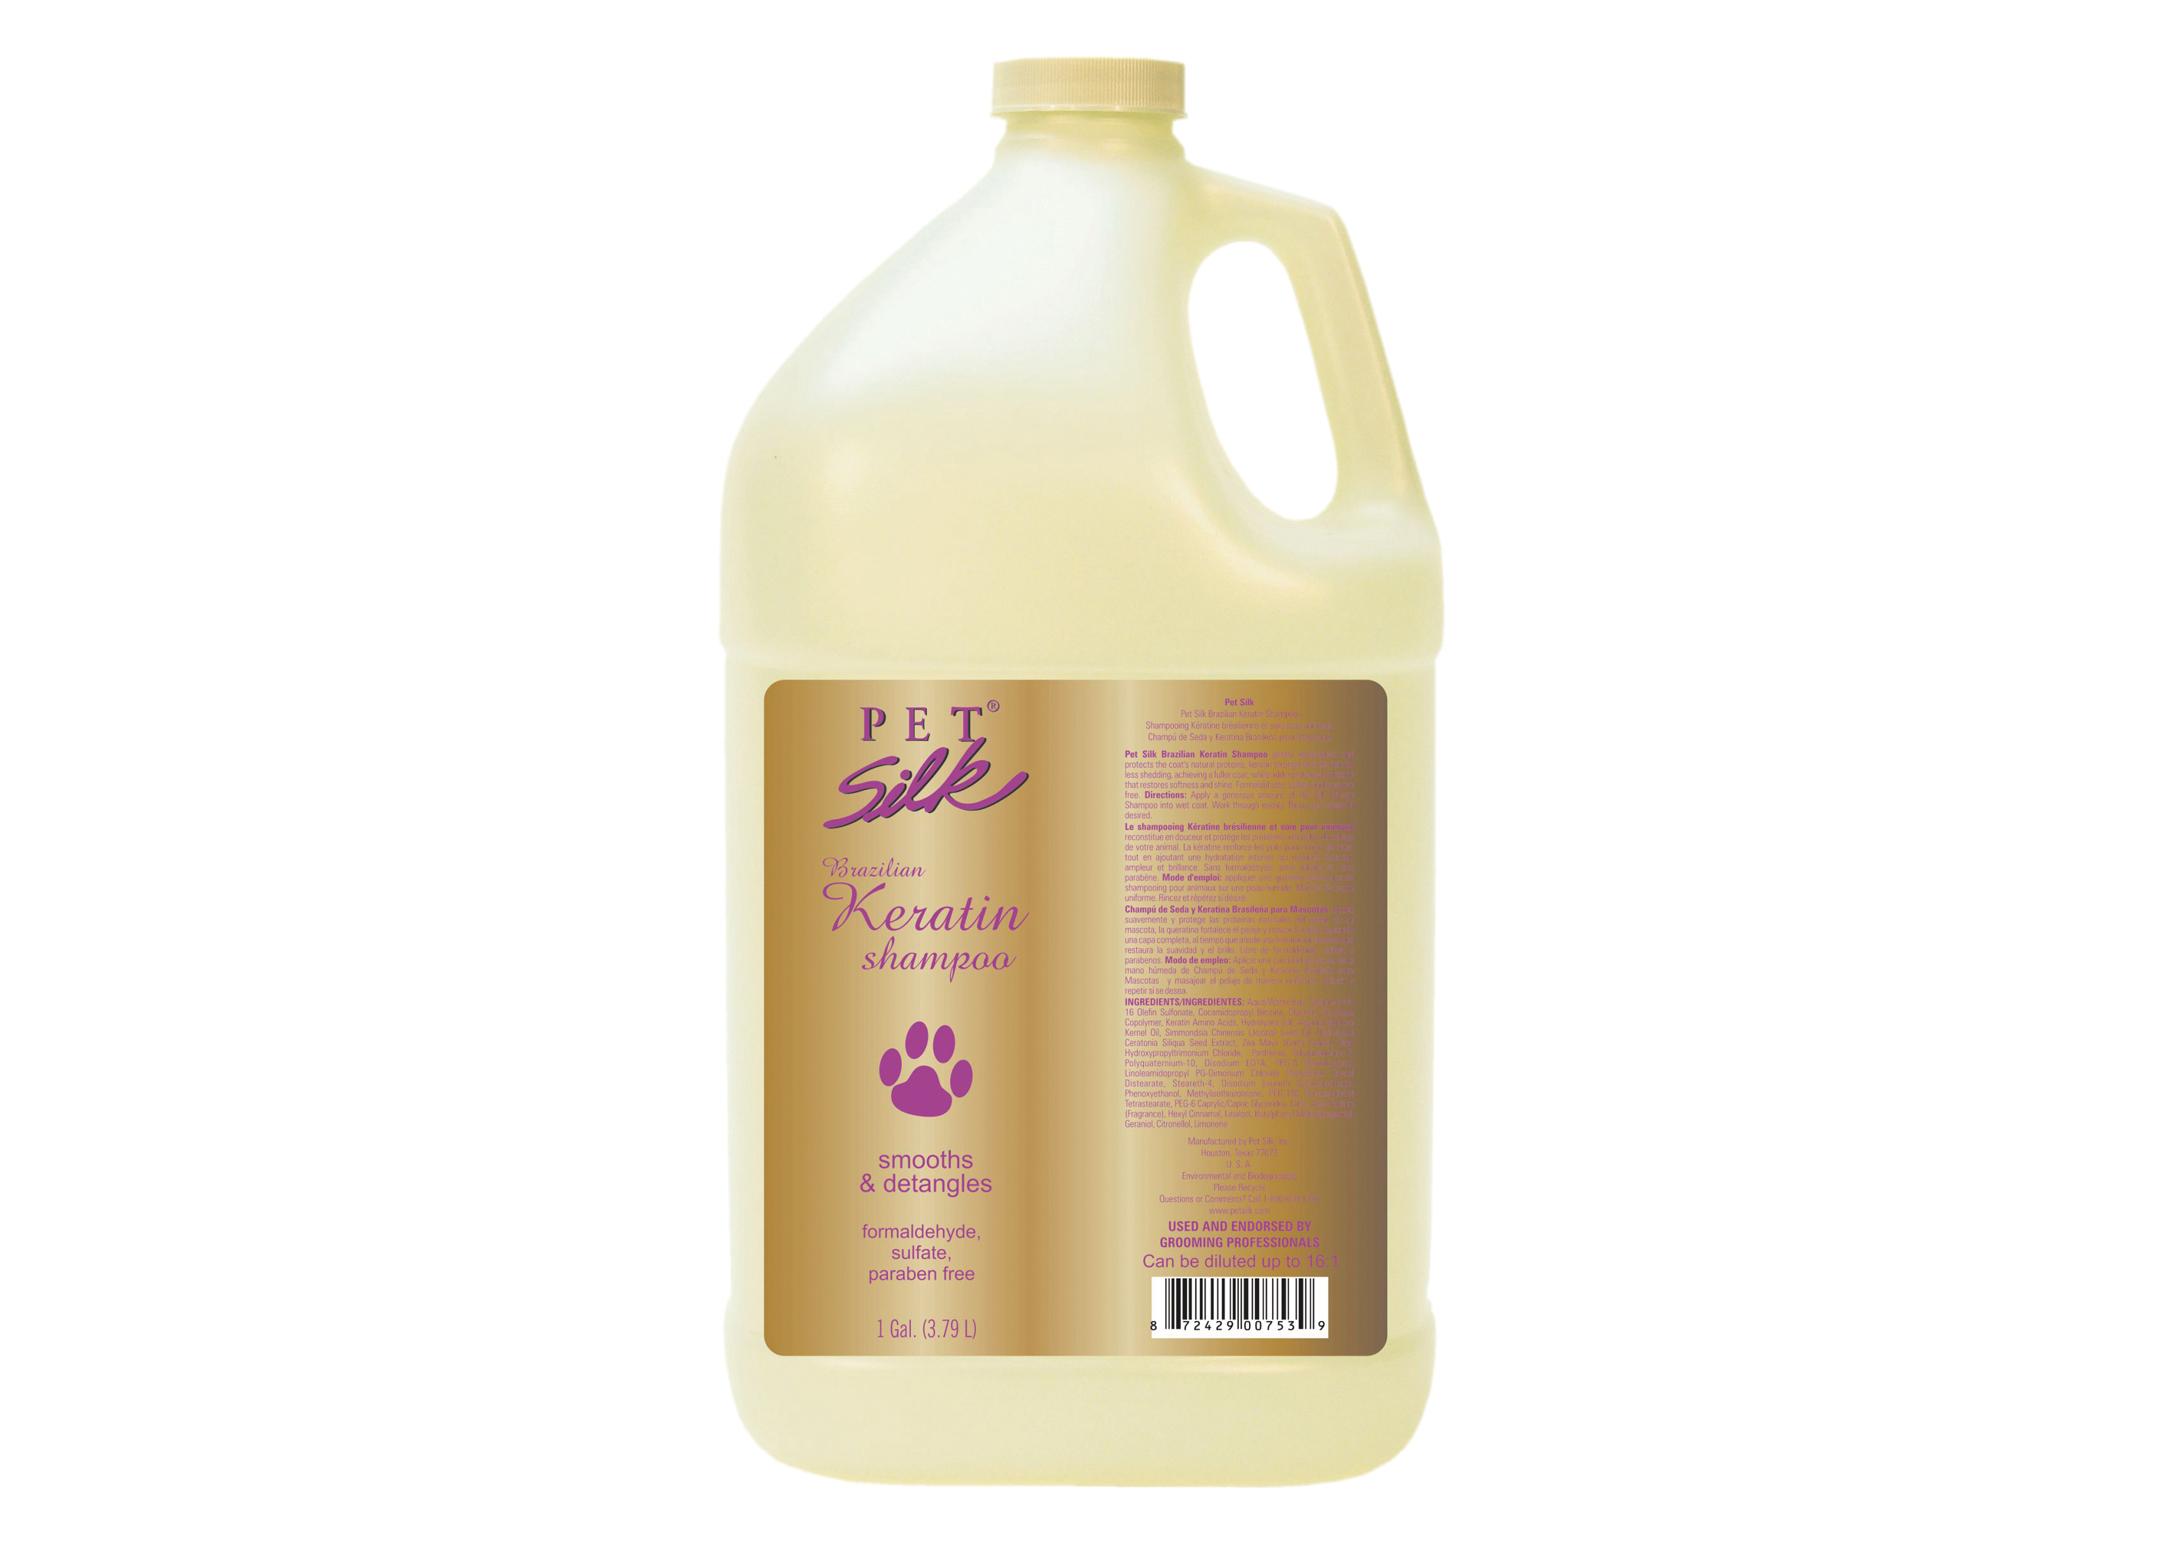 Pet Silk Brazilian Keratin 3,8 L Shampoo